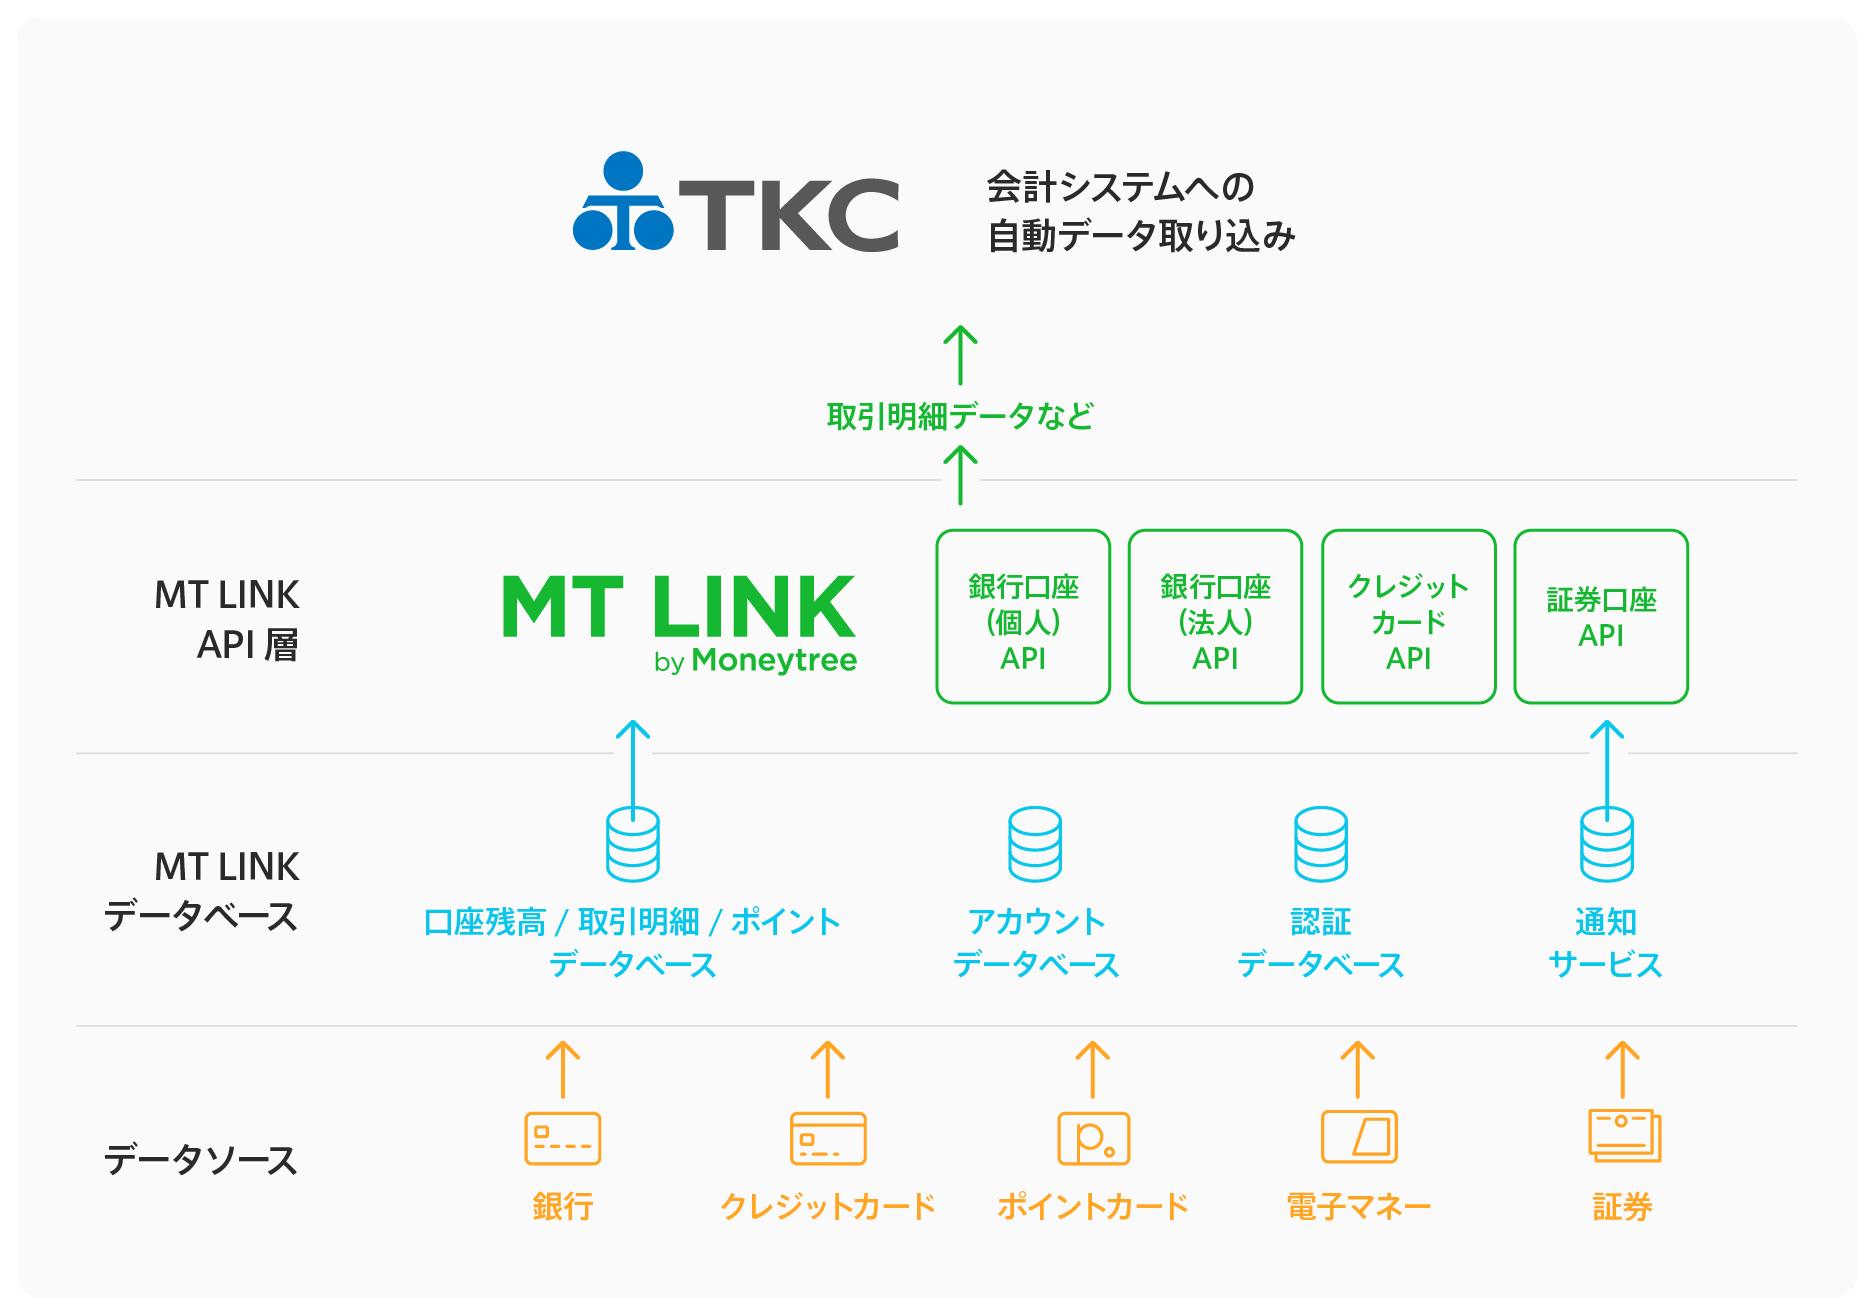 連携されているAPI TKCの事例